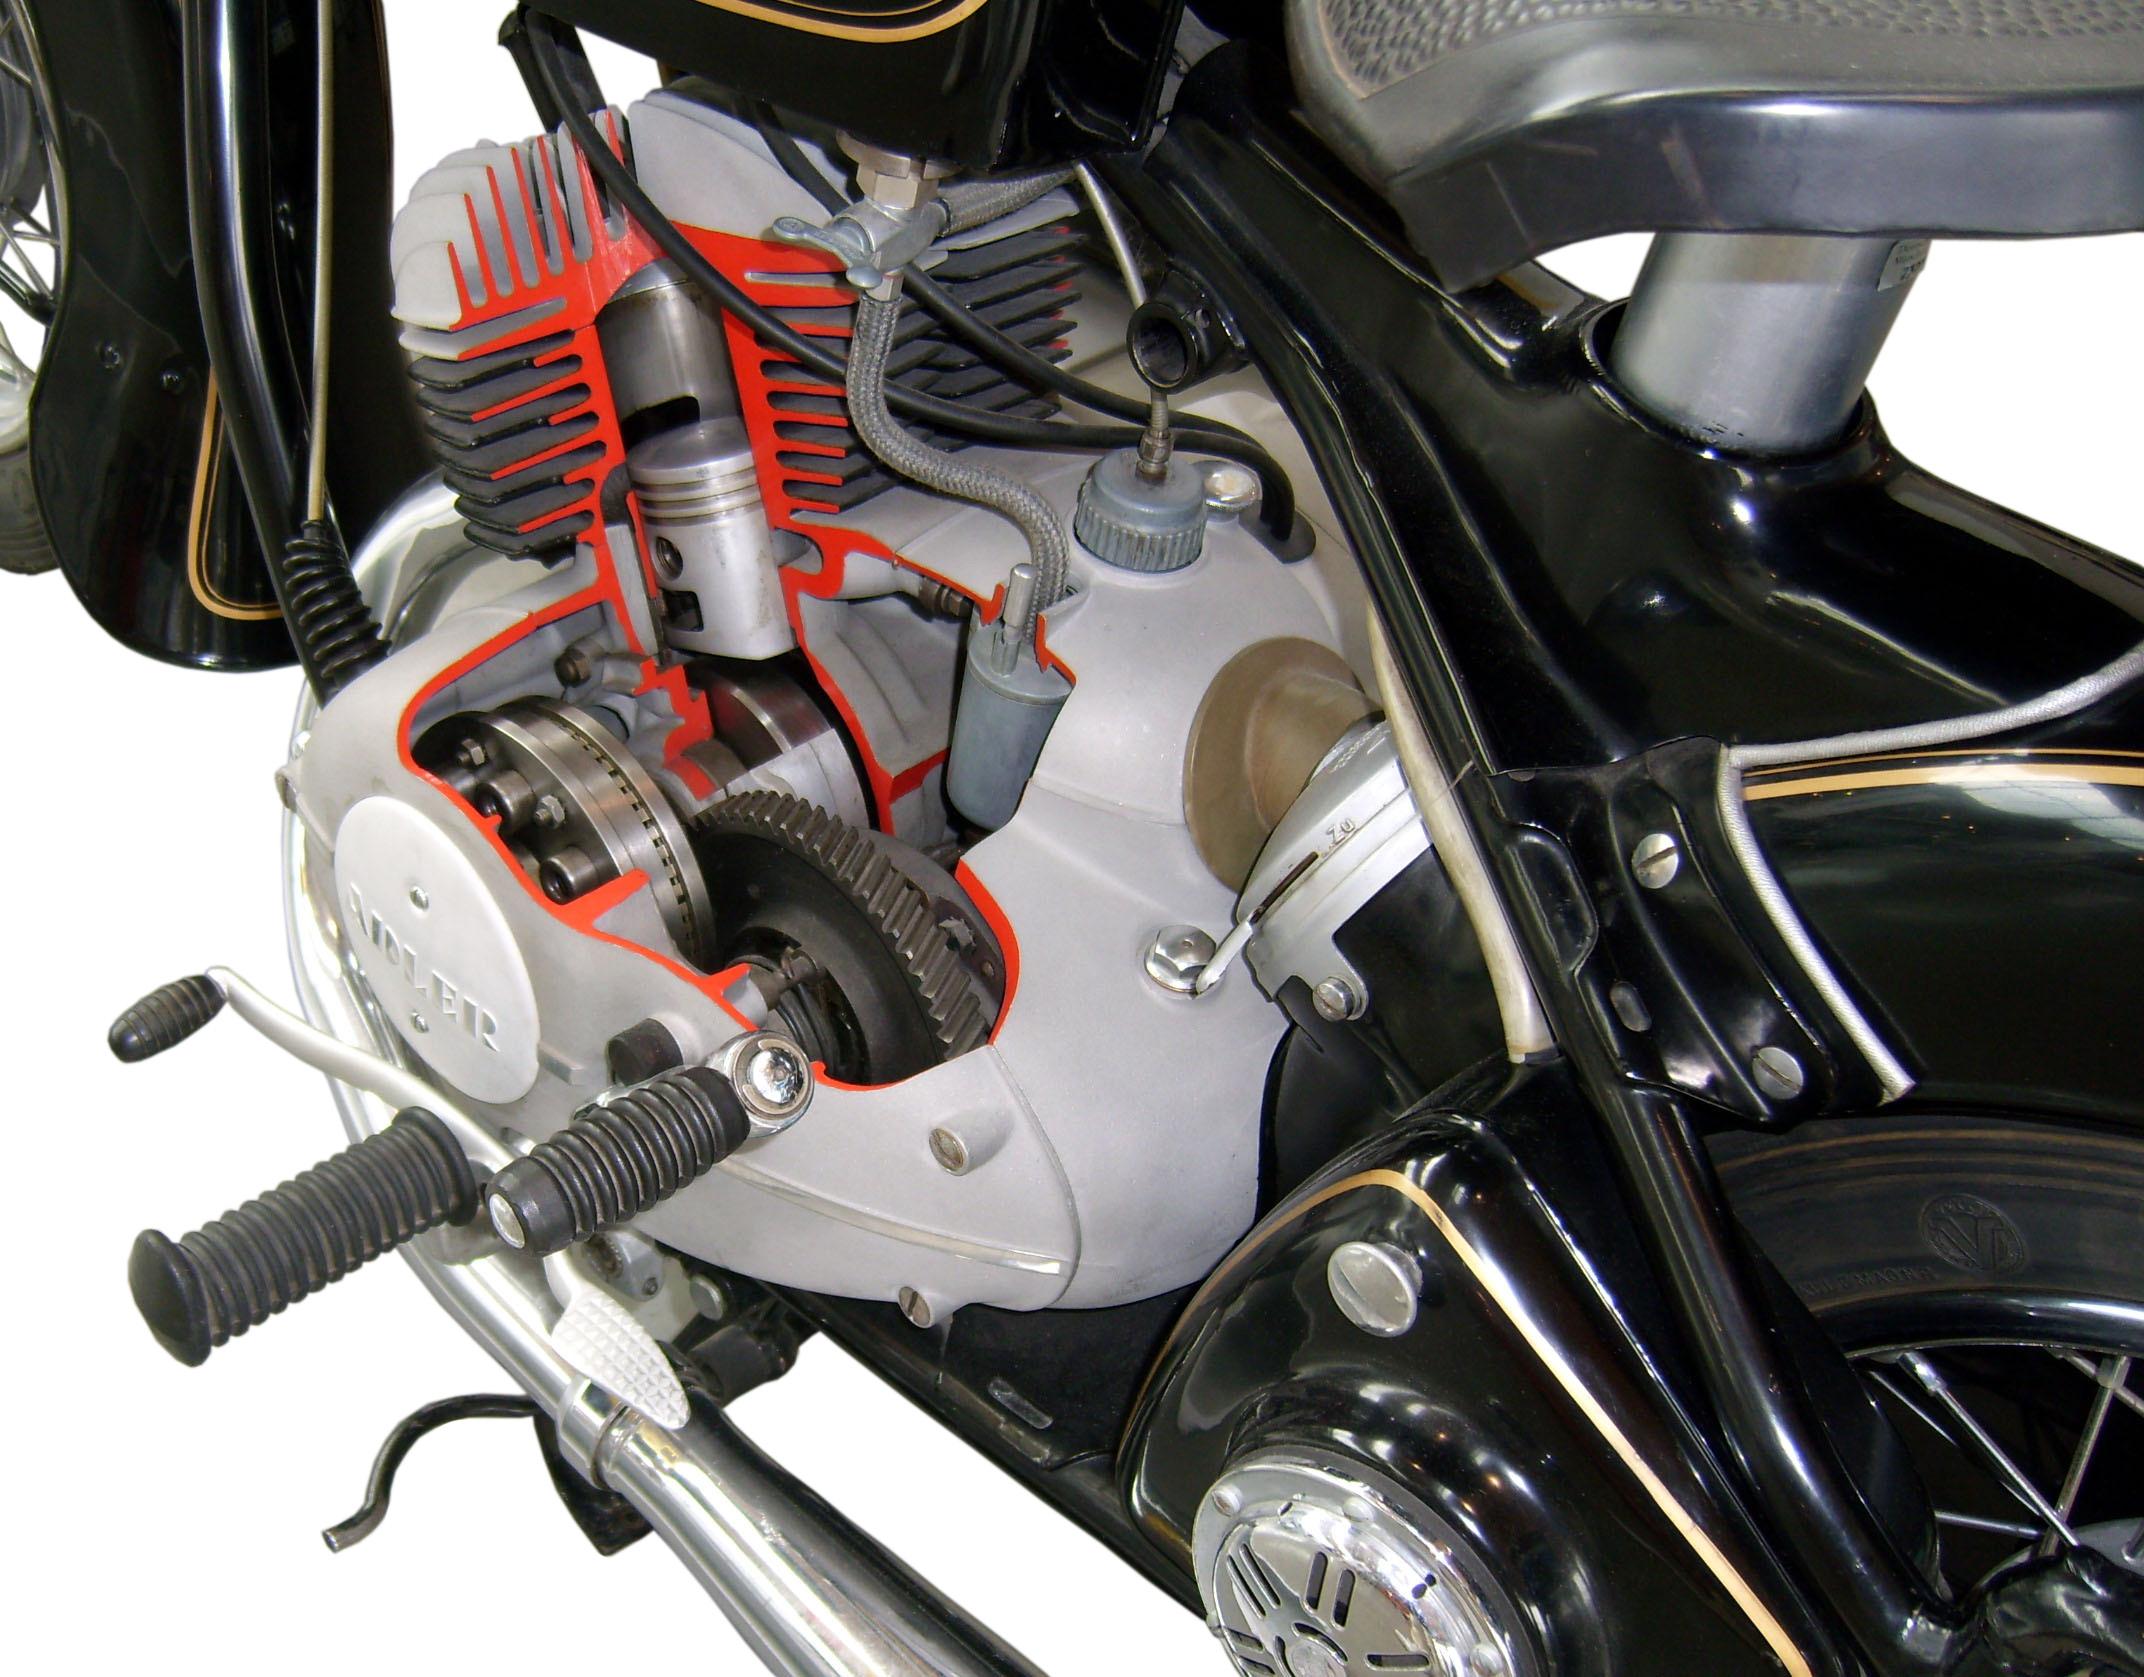 Adler MB 125 im Schnitt mit Blick auf Motor und Getriebe